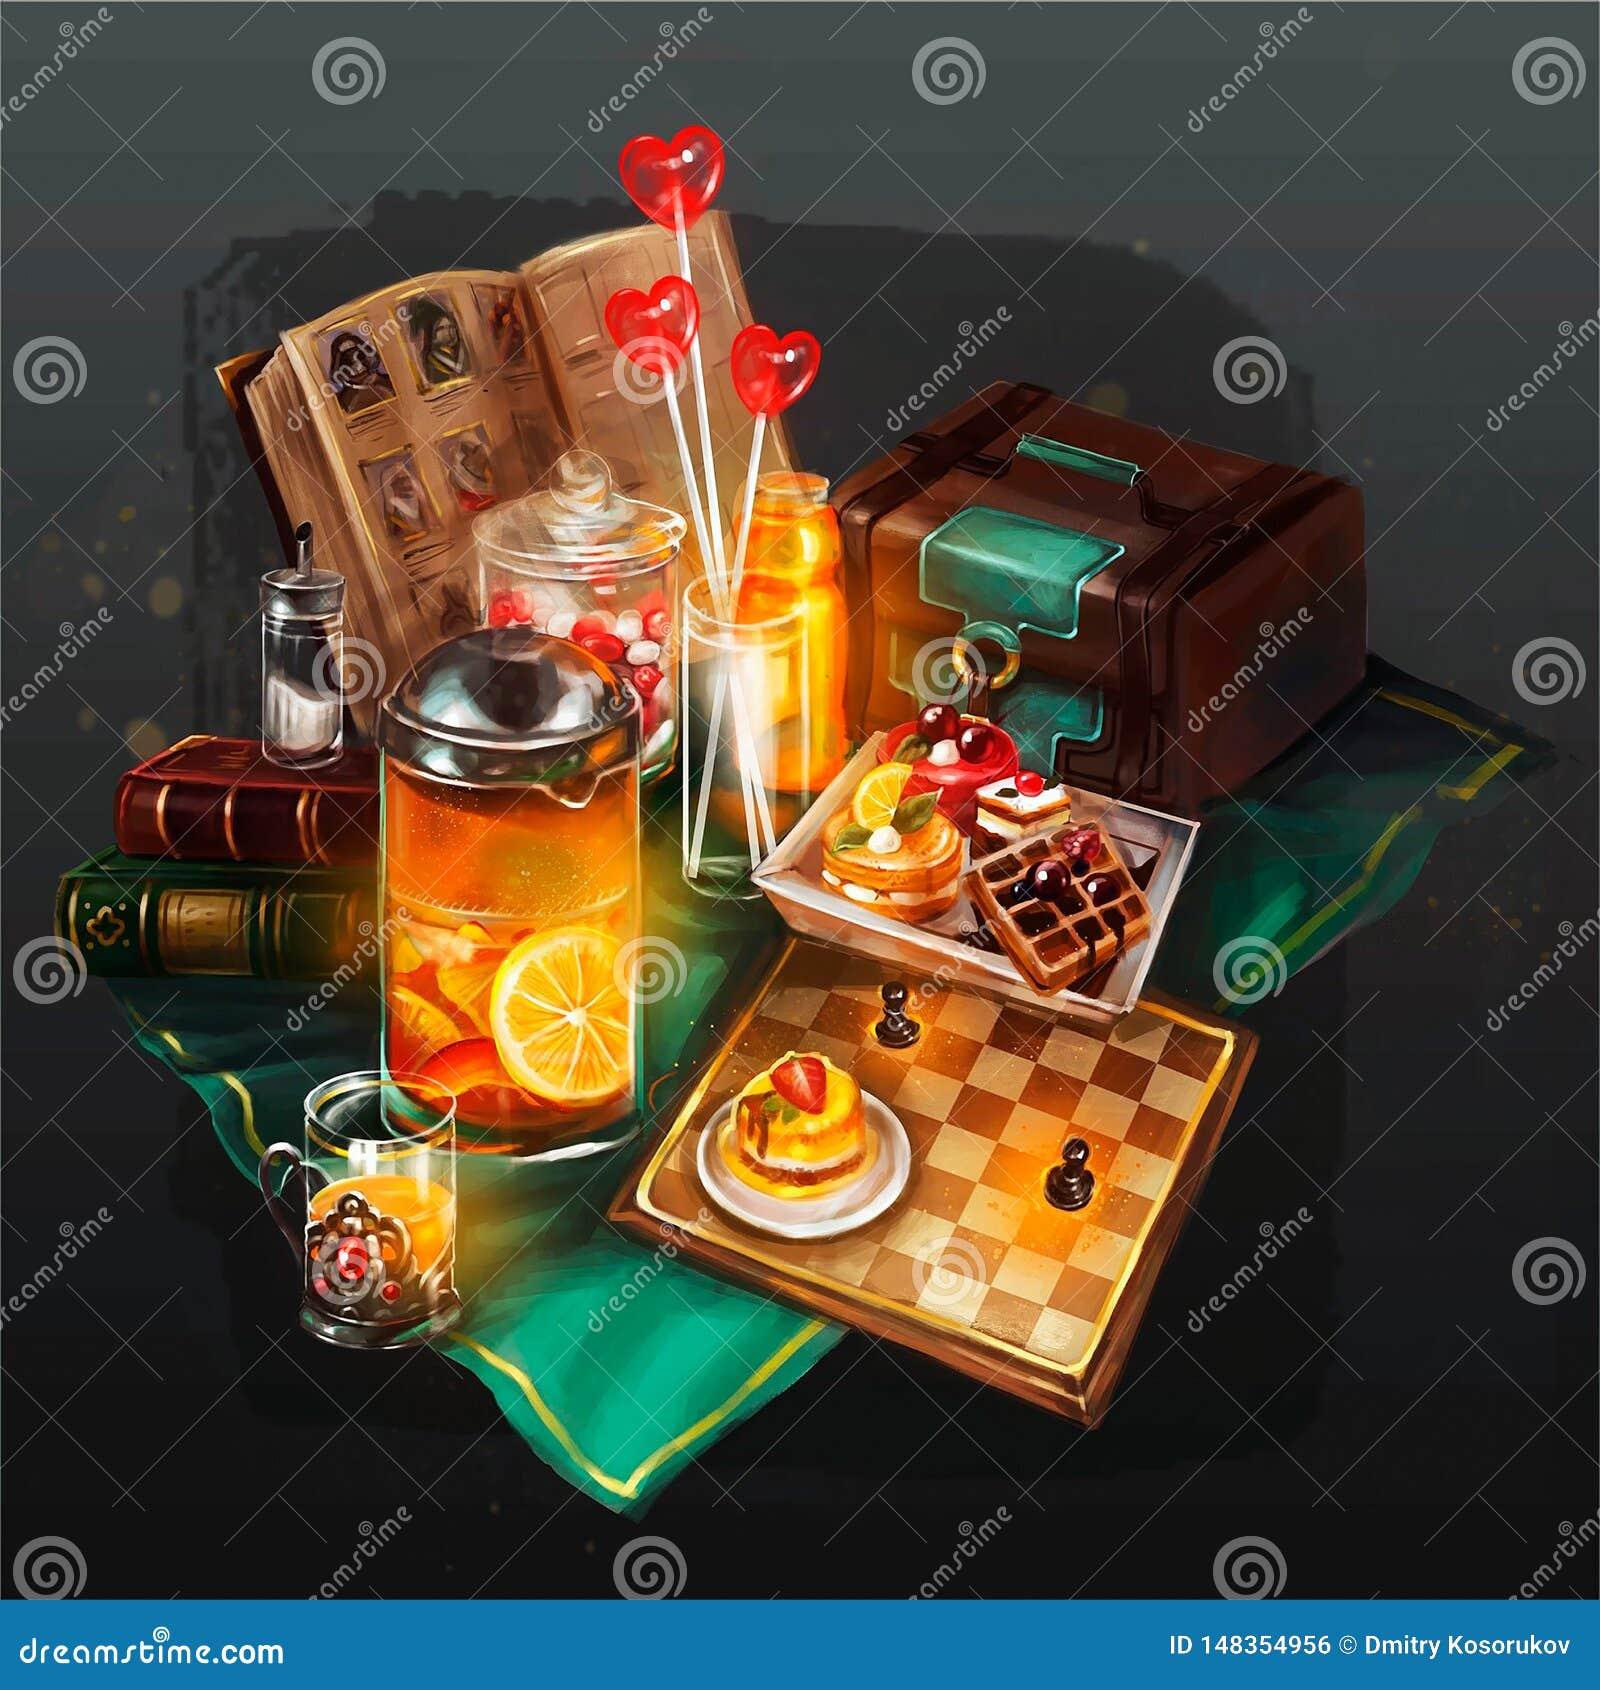 Иллюстрация вещей на таблице